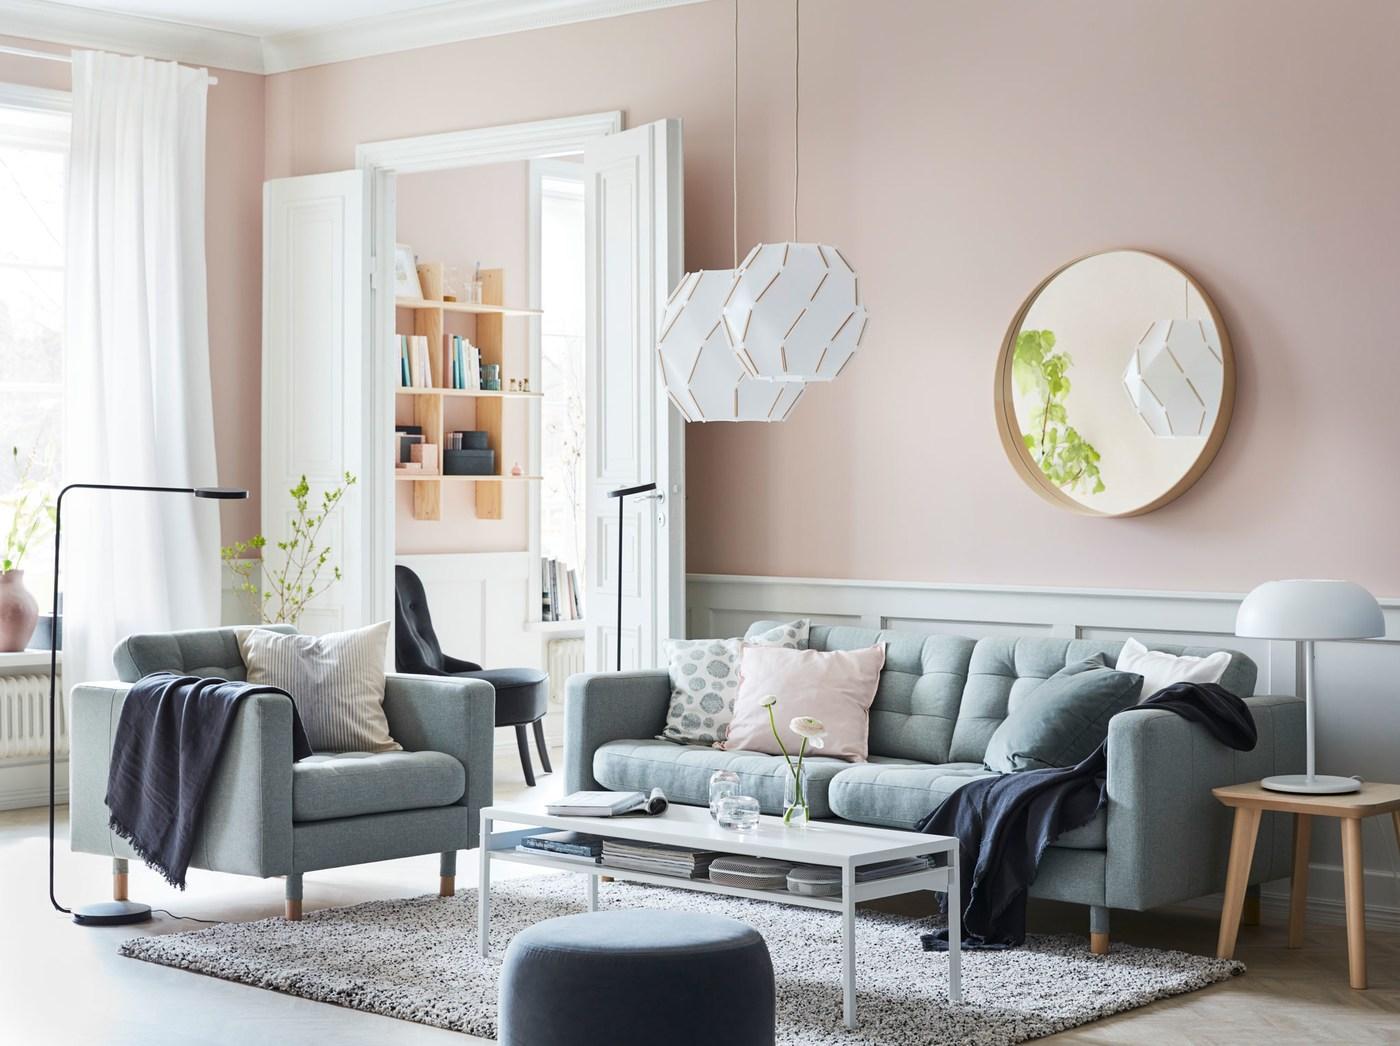 Gut Wohnzimmer: Inspirationen Für Dein Zuhause   IKEA